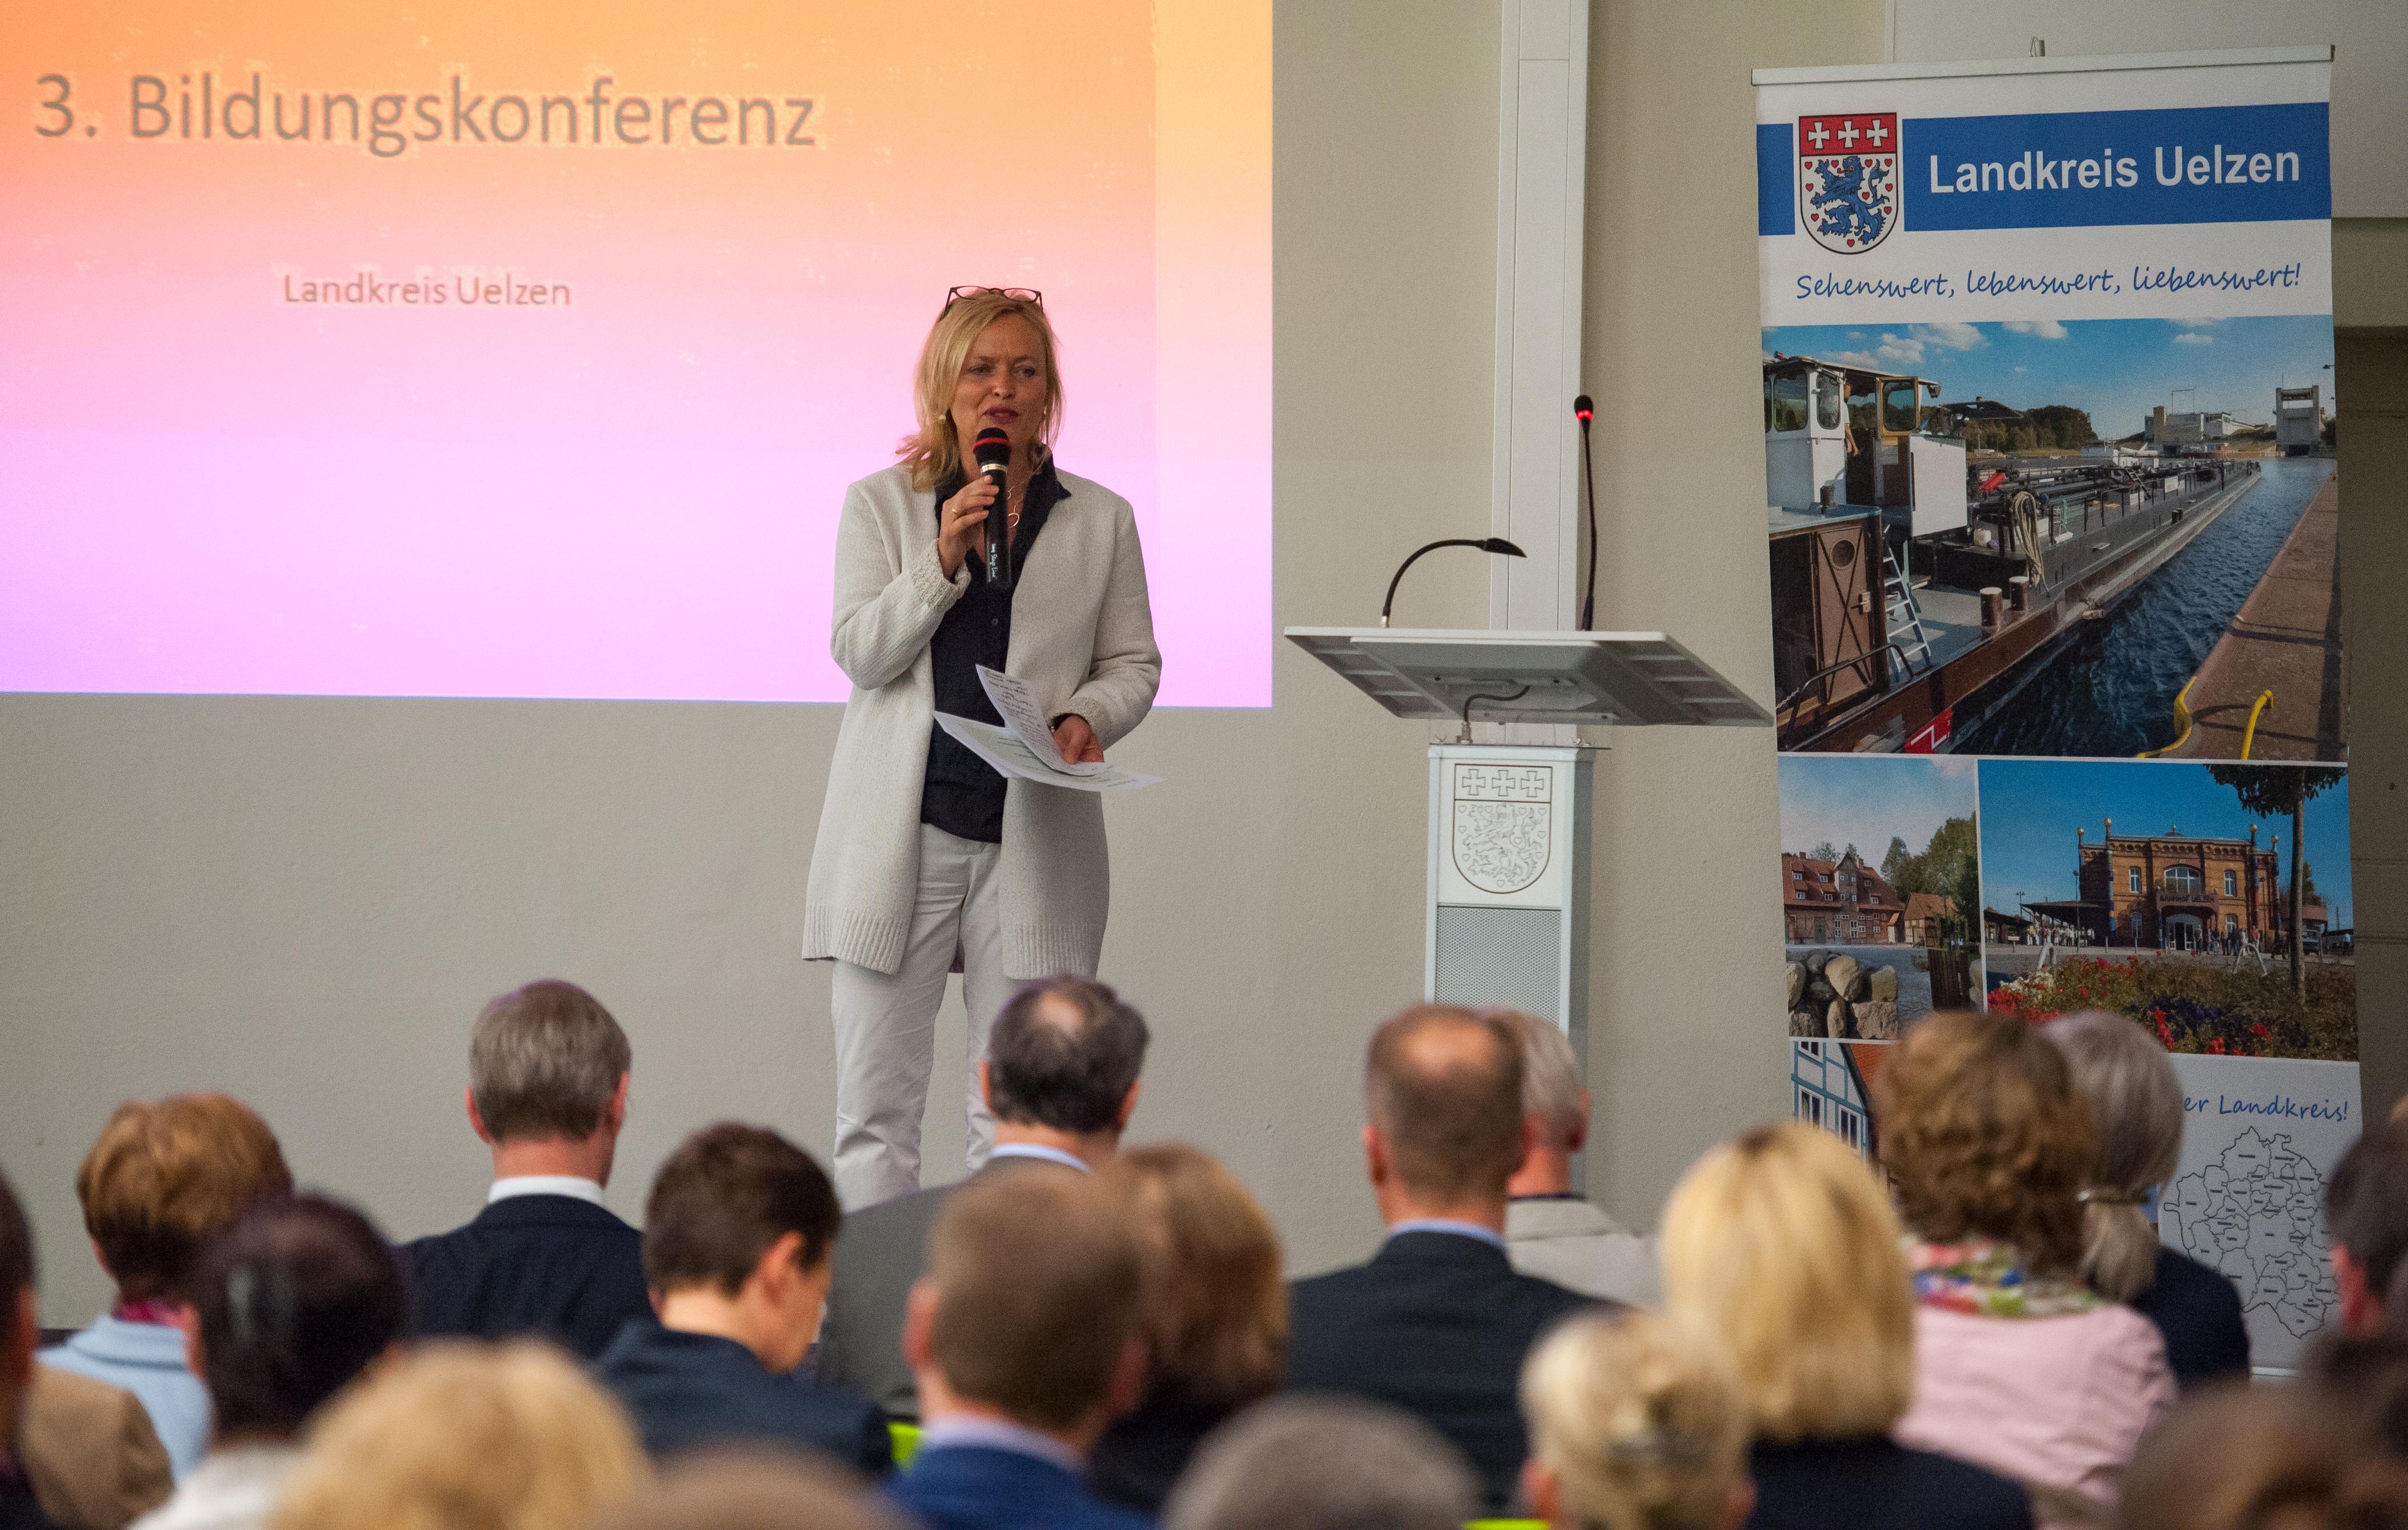 3. Bildungskonferenz in der Oberschule Uelzen